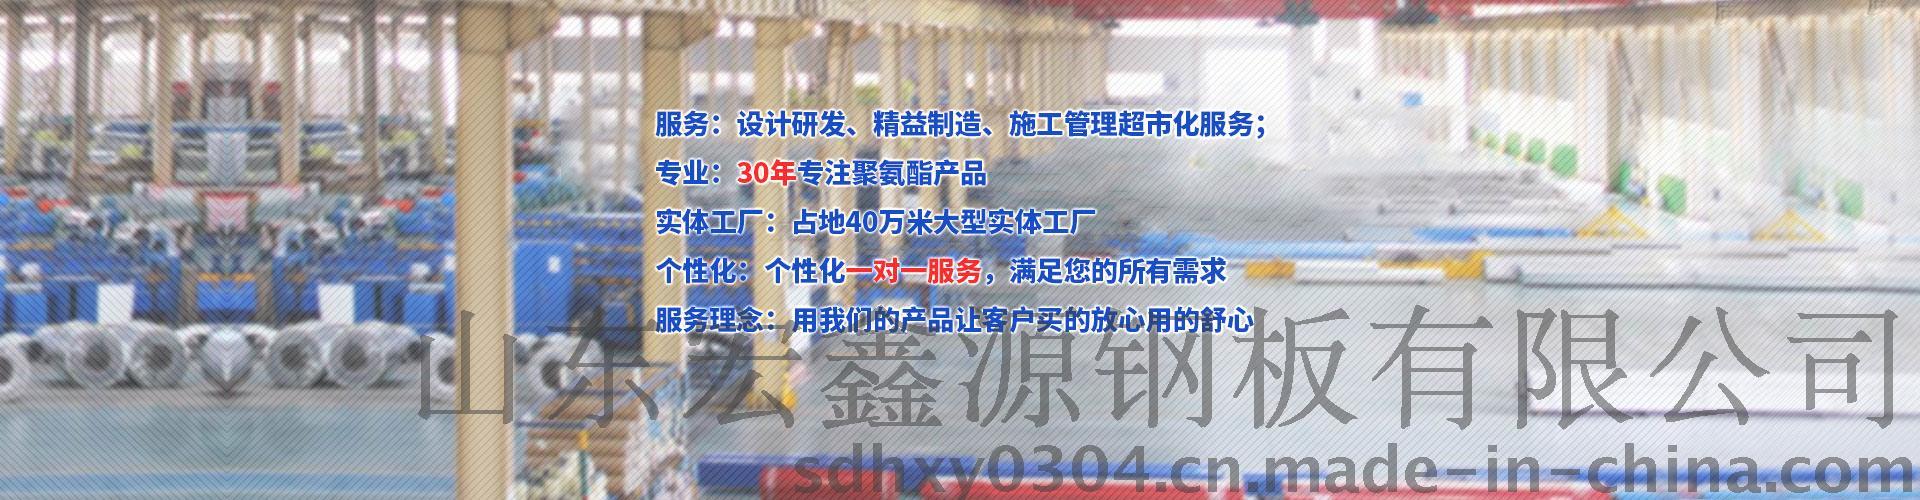 山东宏鑫源钢板有限公司